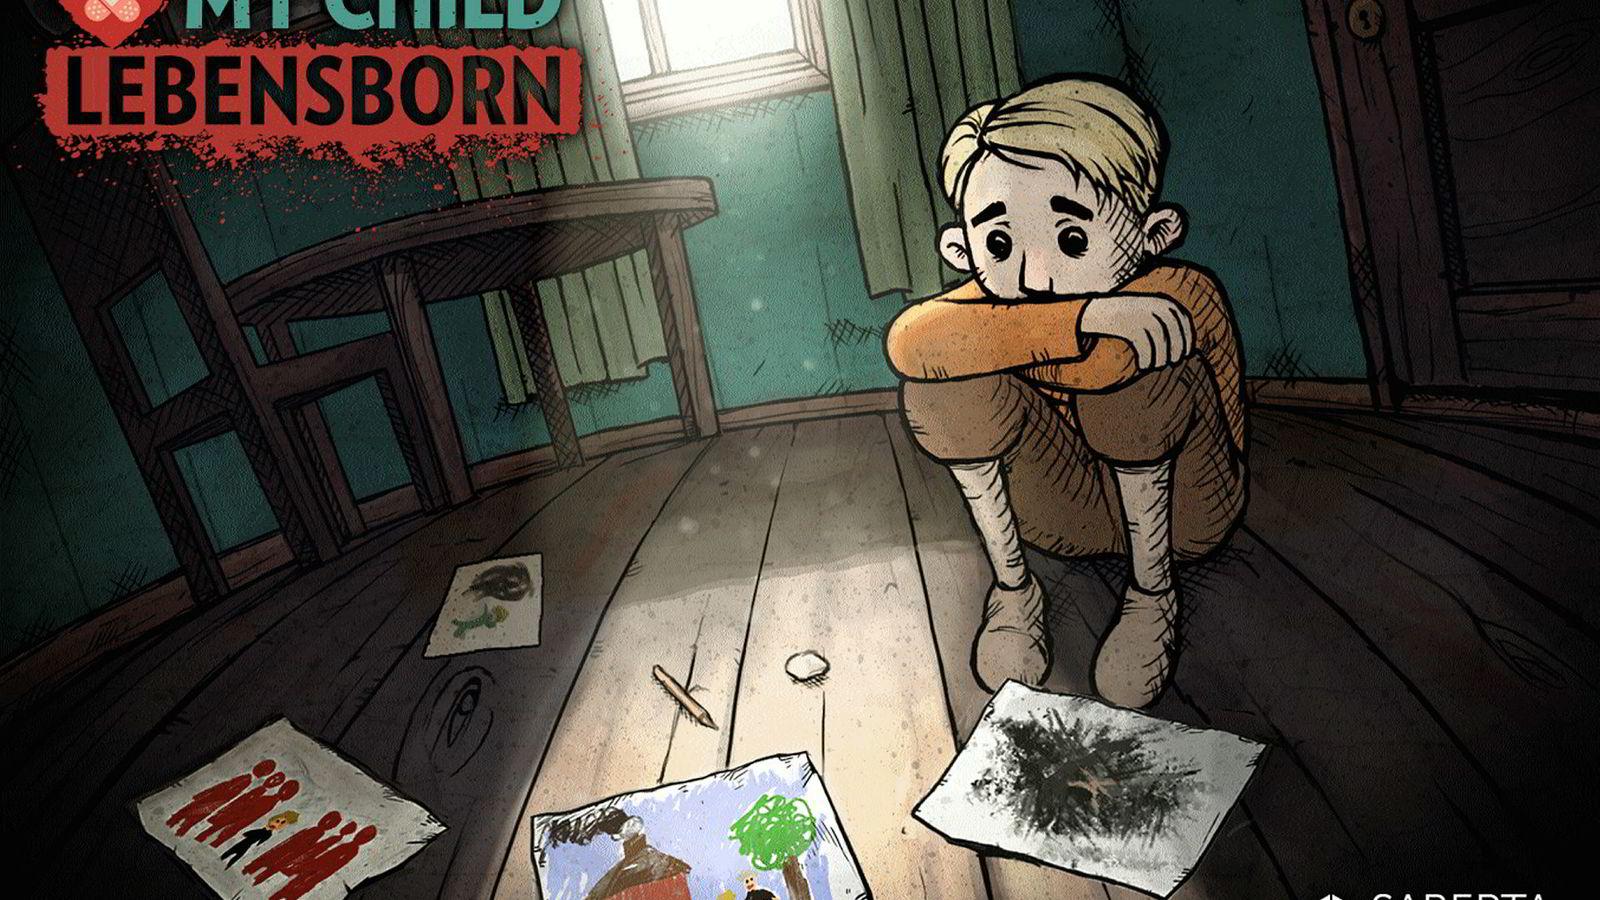 Spillpris. «Mitt Barn Lebensborn» – et sterkt og bevegende spill om hvordan enkelte norske tyskerbarn ble behandlet etter annen verdenskrig